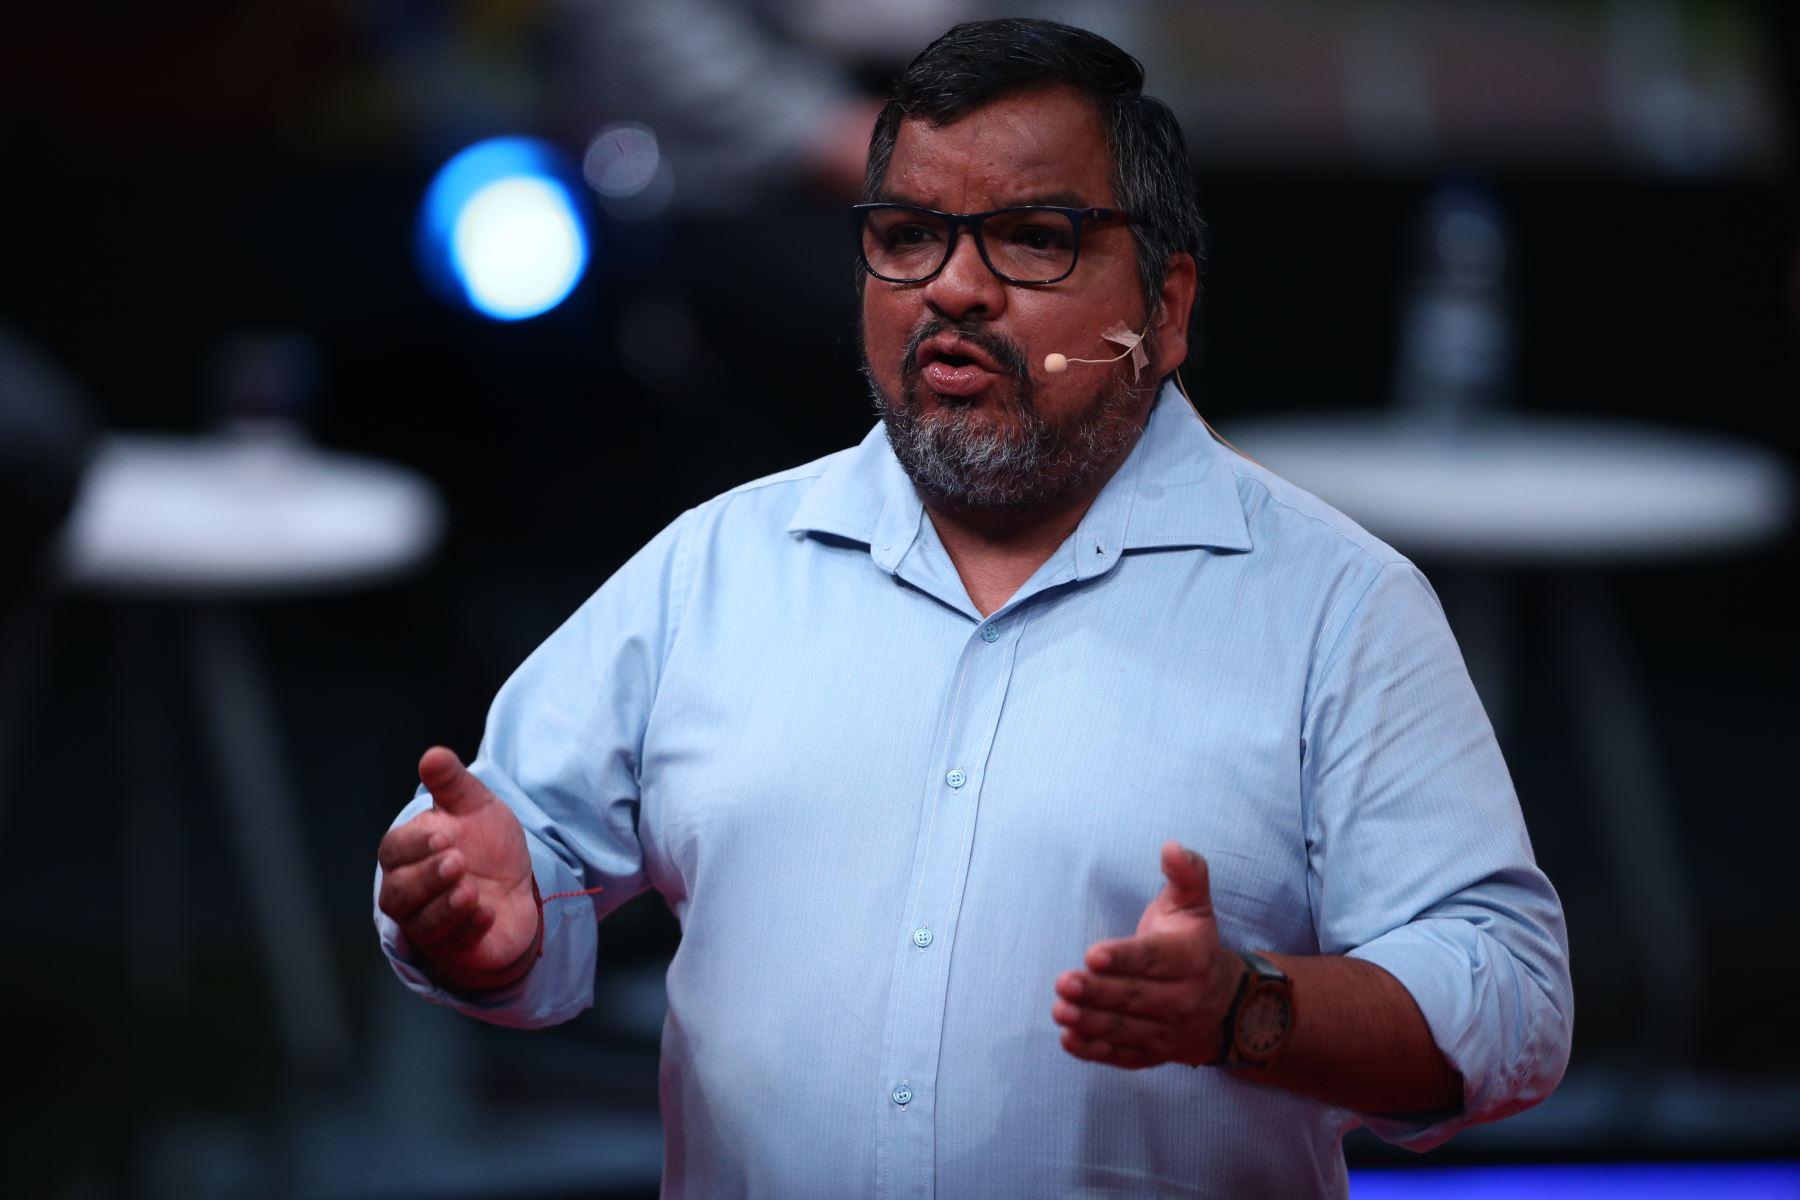 Julio Arbizú de Juntos por el Perú participa en debate. Foto: ANDINA/Vidal Tarqui